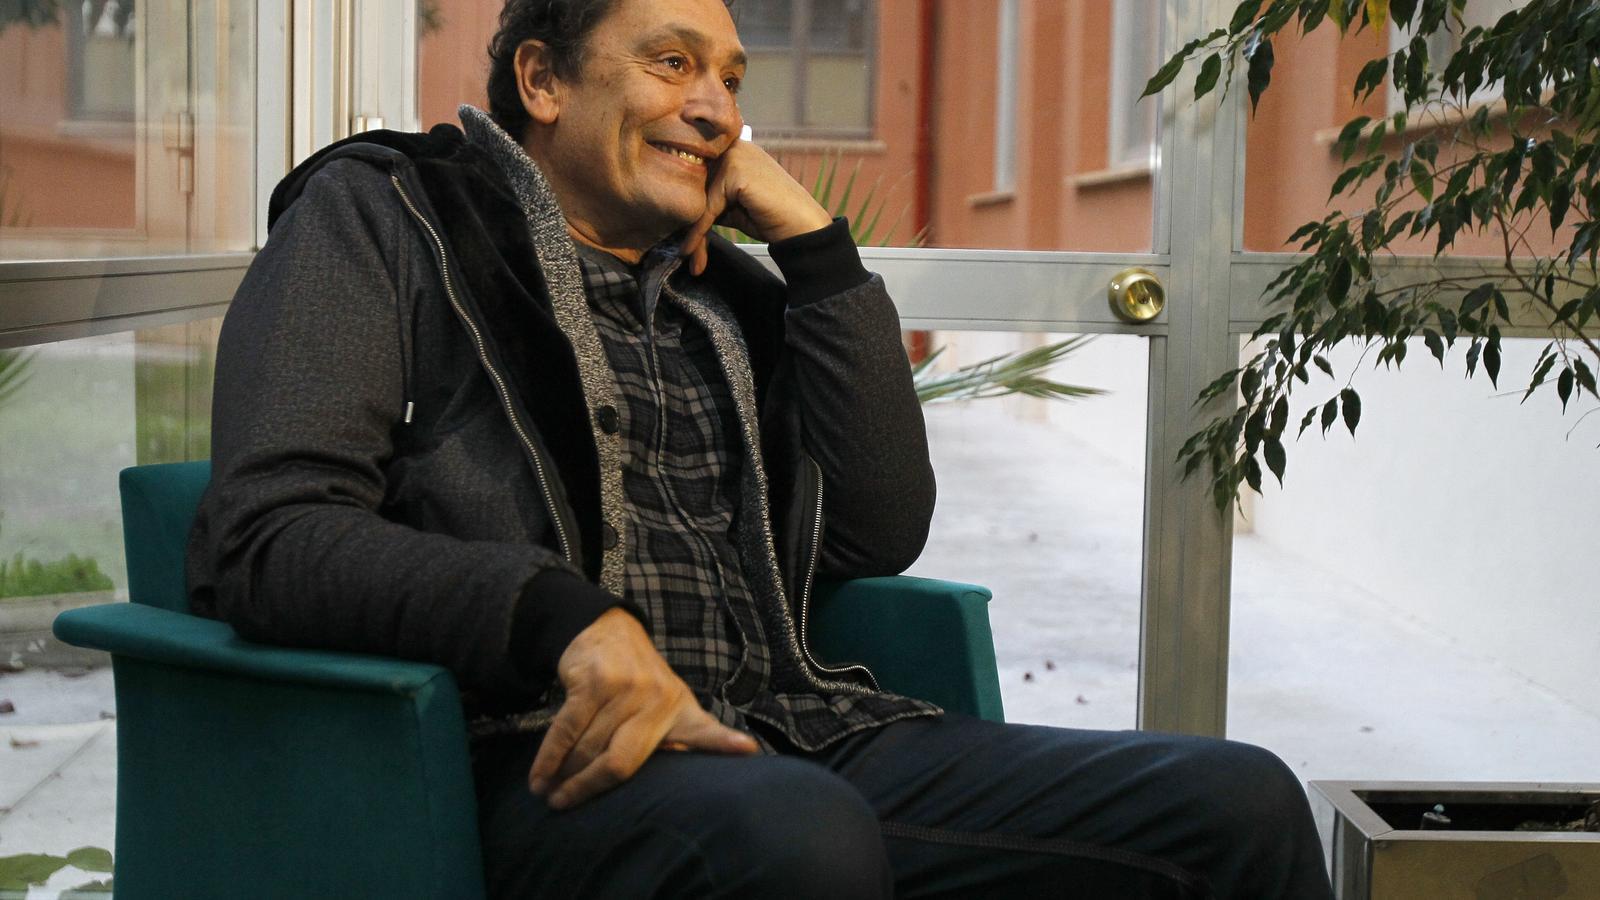 El director de cinema Agustí Villaronga aquest dijous a la Riera de Palma poc abans de la projecció de 'El Mar' dins del cicle de cinema d'autor de la UIB.